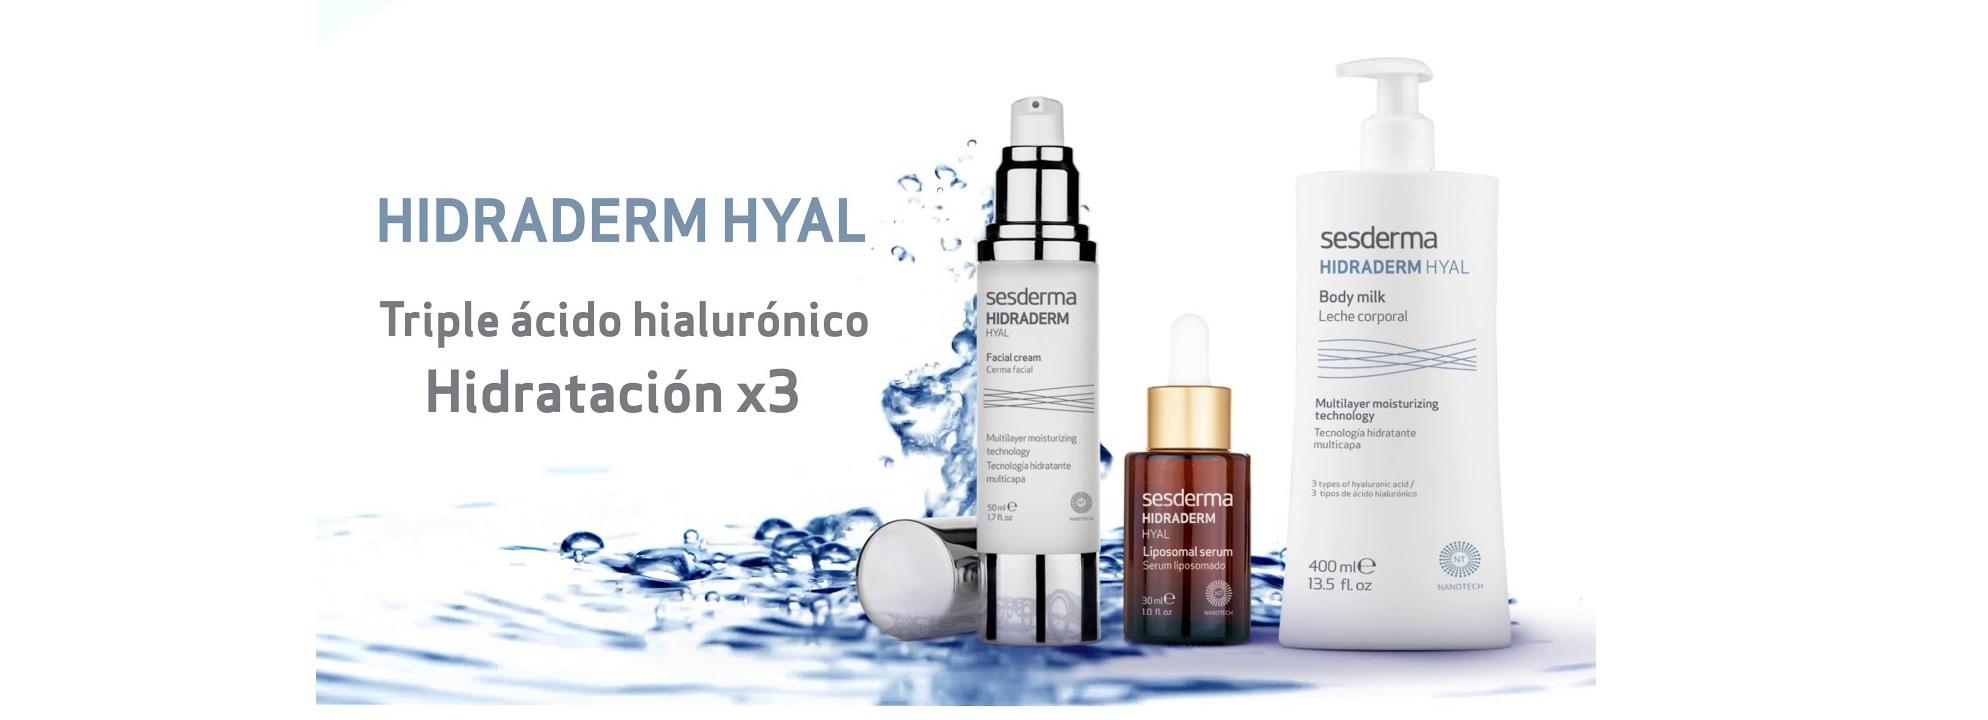 Sesderma Hidraderm Hyal gama de productos en Farma2go